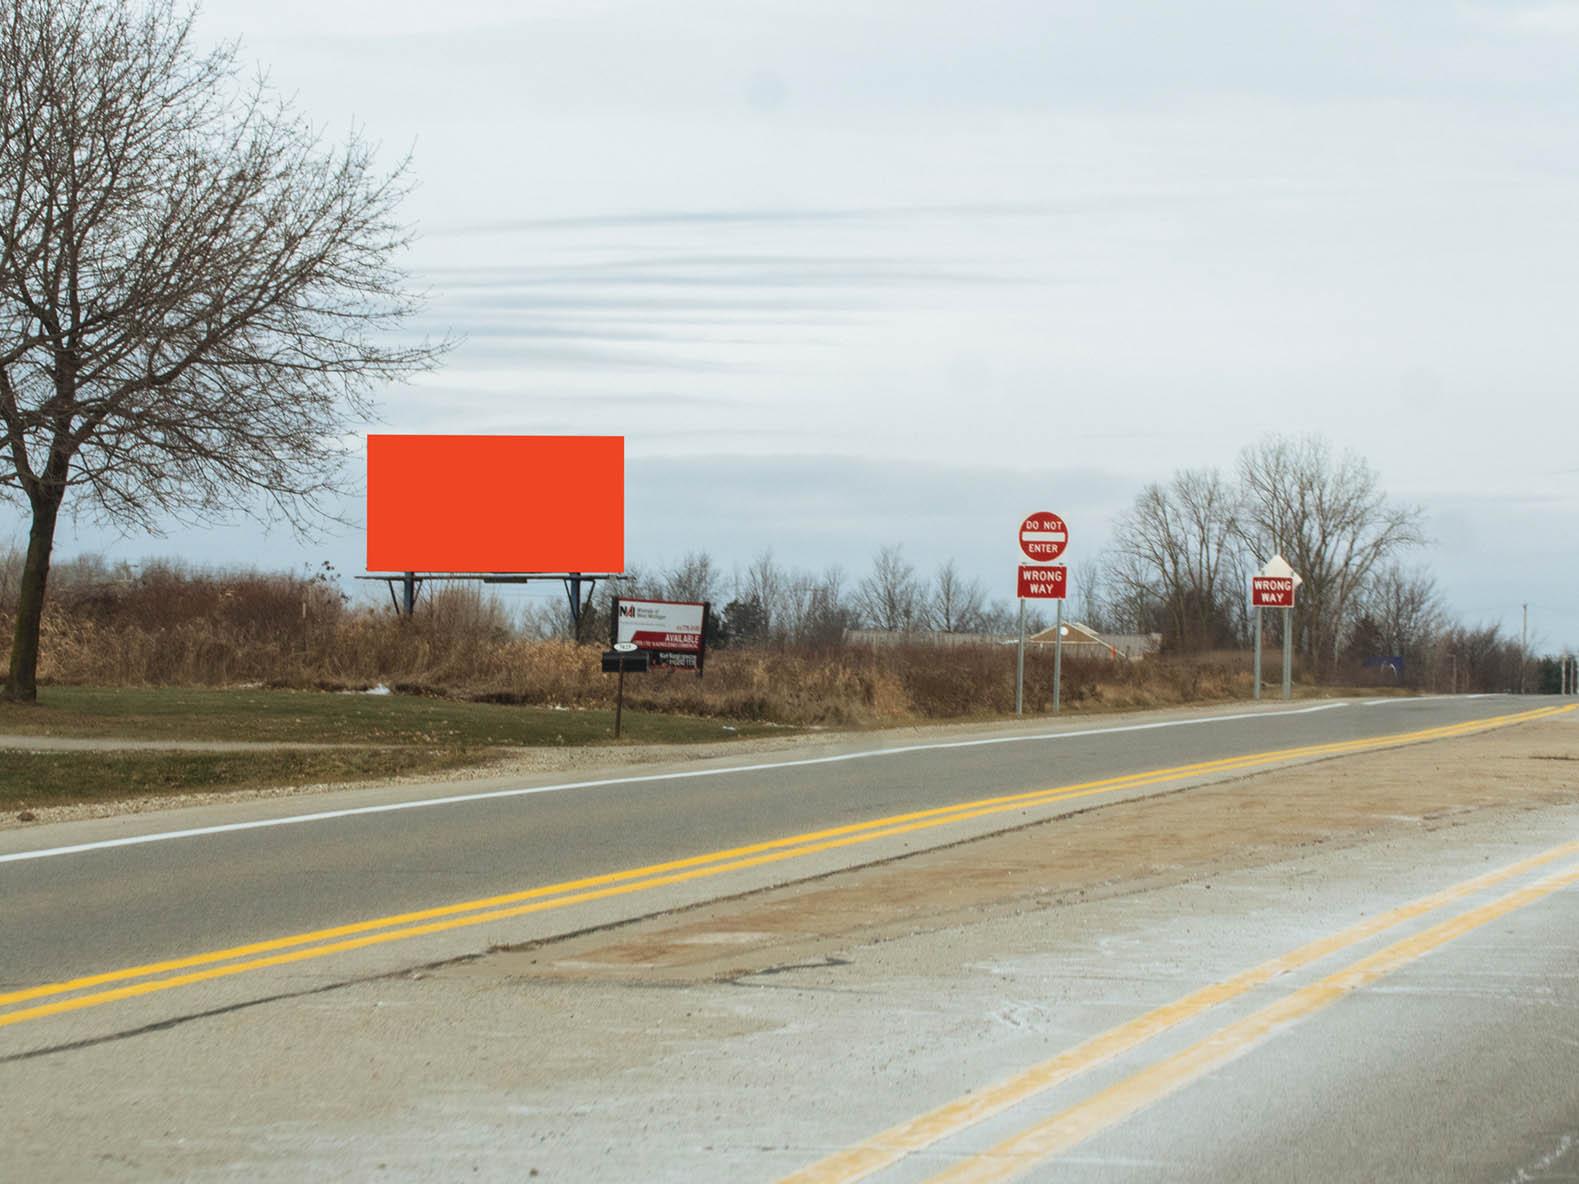 Billboard 502 South (10 x 20) - Geopath: 30822155